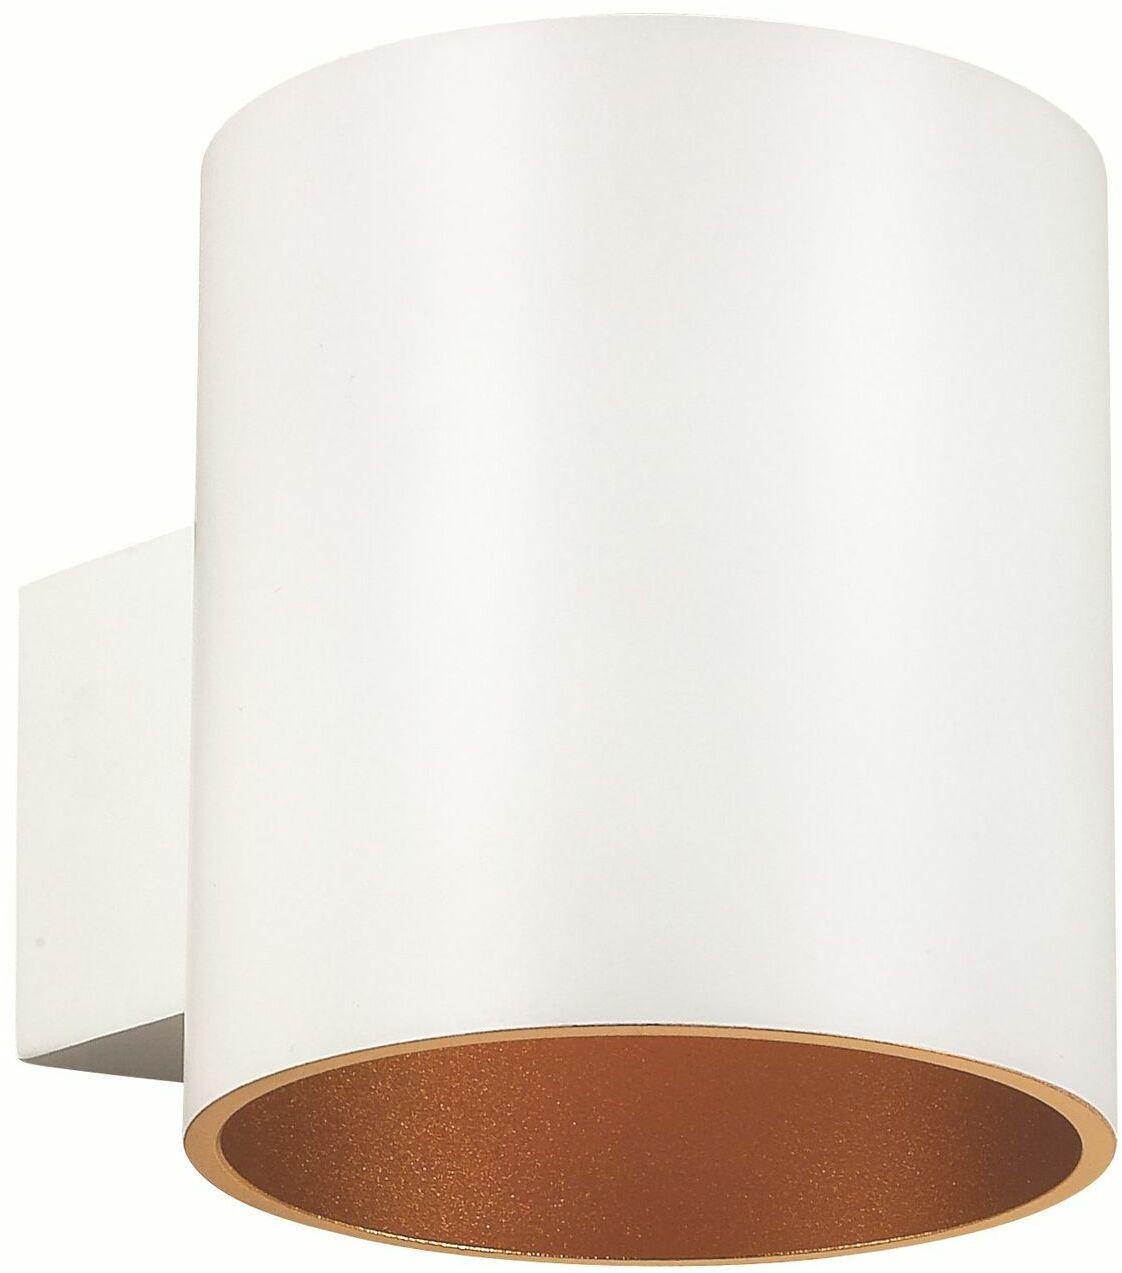 Lampa ścienna INSPIRE nowoczesna WG1507-WG Auhilon  Skorzystaj z kuponu -10% -KOD: OKAZJA